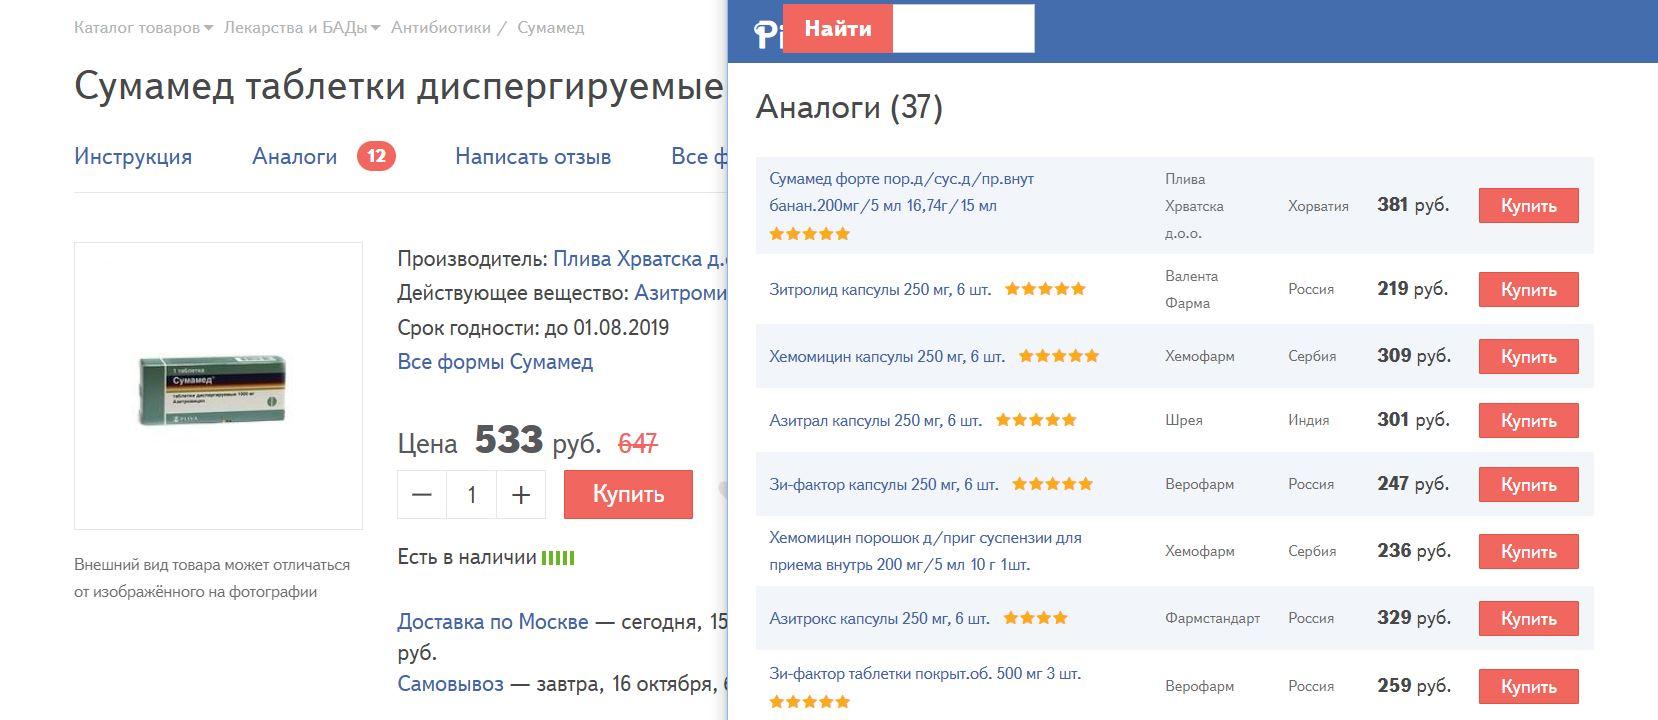 Дженерики на сайте Пилюли.ру